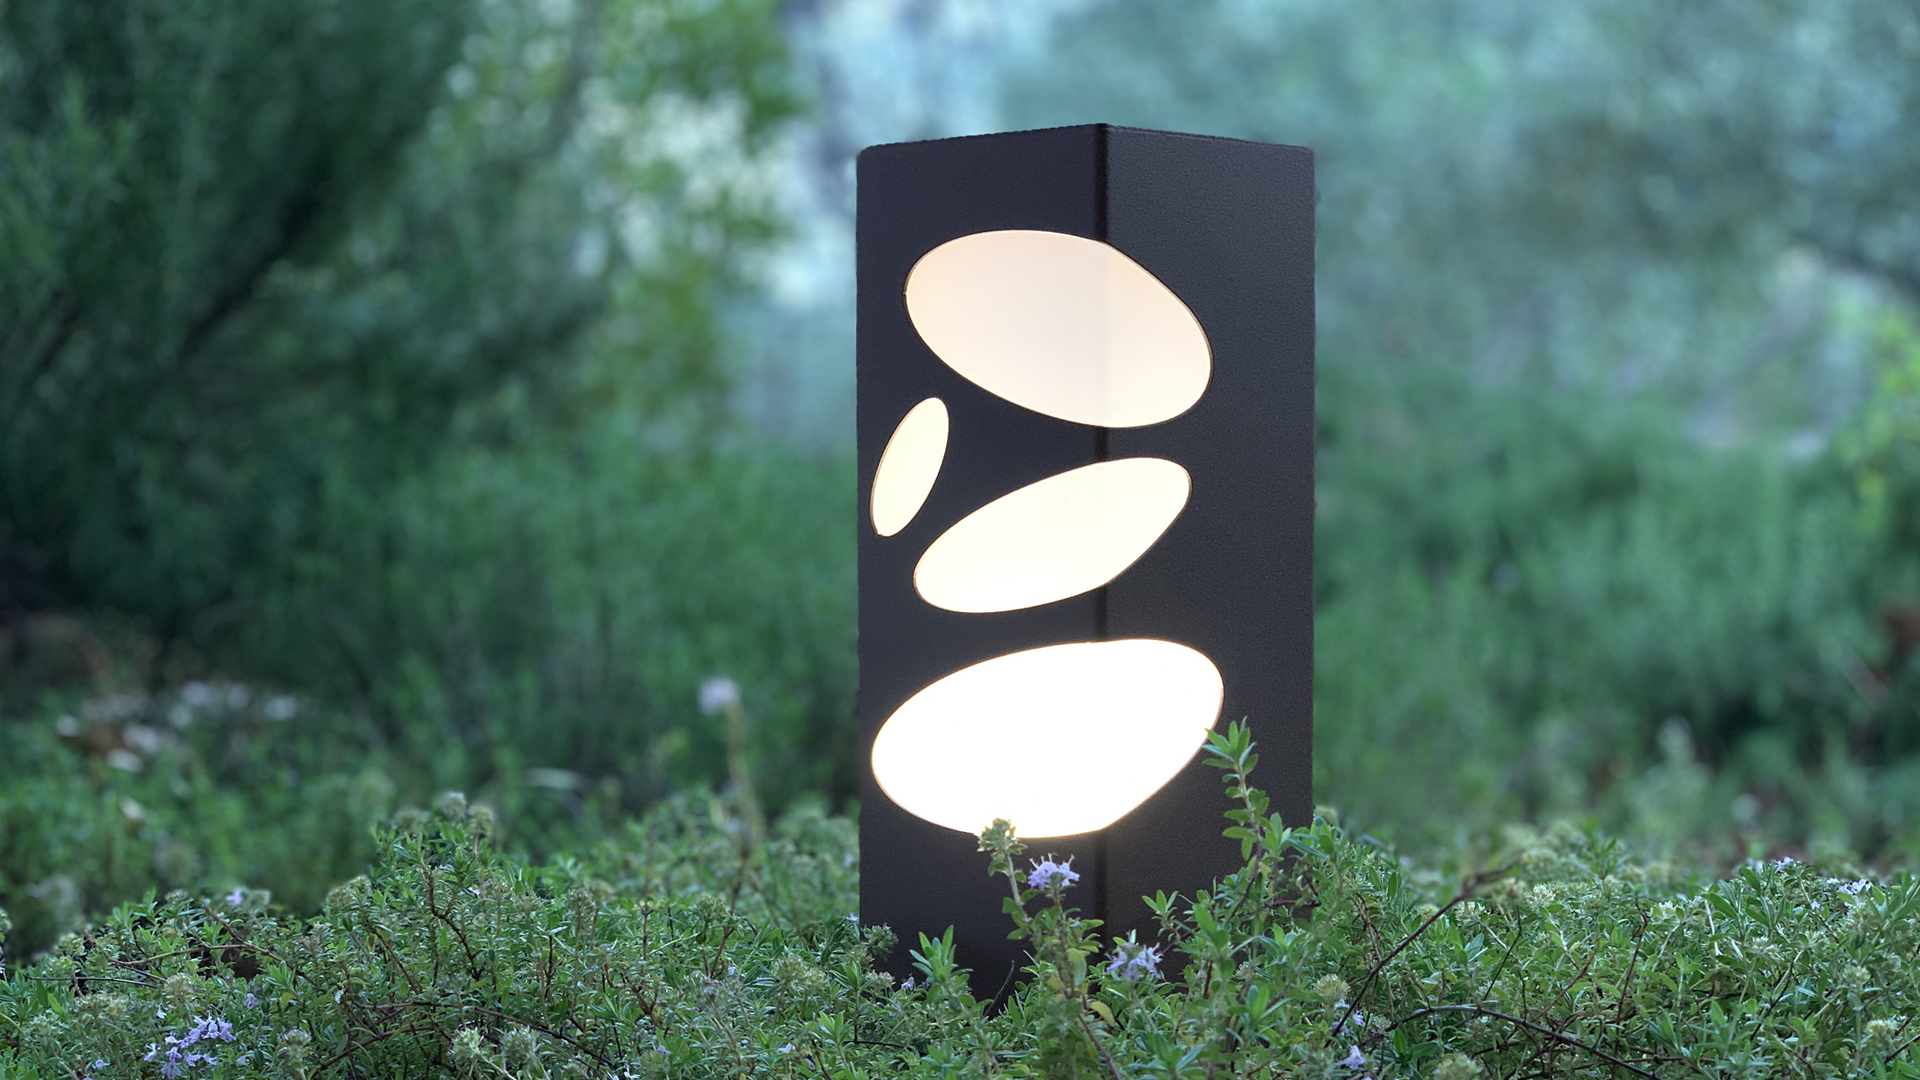 Borne LED lumineuse en acier inoxydable, rouille Corten ou gris anthracite. Cette borne LED lumineuse d'extérieur permet un éclairage performant et original avec ses motifs lumineux galets. La borne LED extérieure lumineuse BN 011 mini s'adapte à tout type d'environnement et est idéale pour l'éclairage d'allée, l'éclairage de jardin, le balisage de chemin. Comme toutes les bornes extérieures LYX Luminaires, bornes solaires ou bornes extérieures LED, la borne lumineuse extérieure BN 011 mini est de conception et de fabrication française.